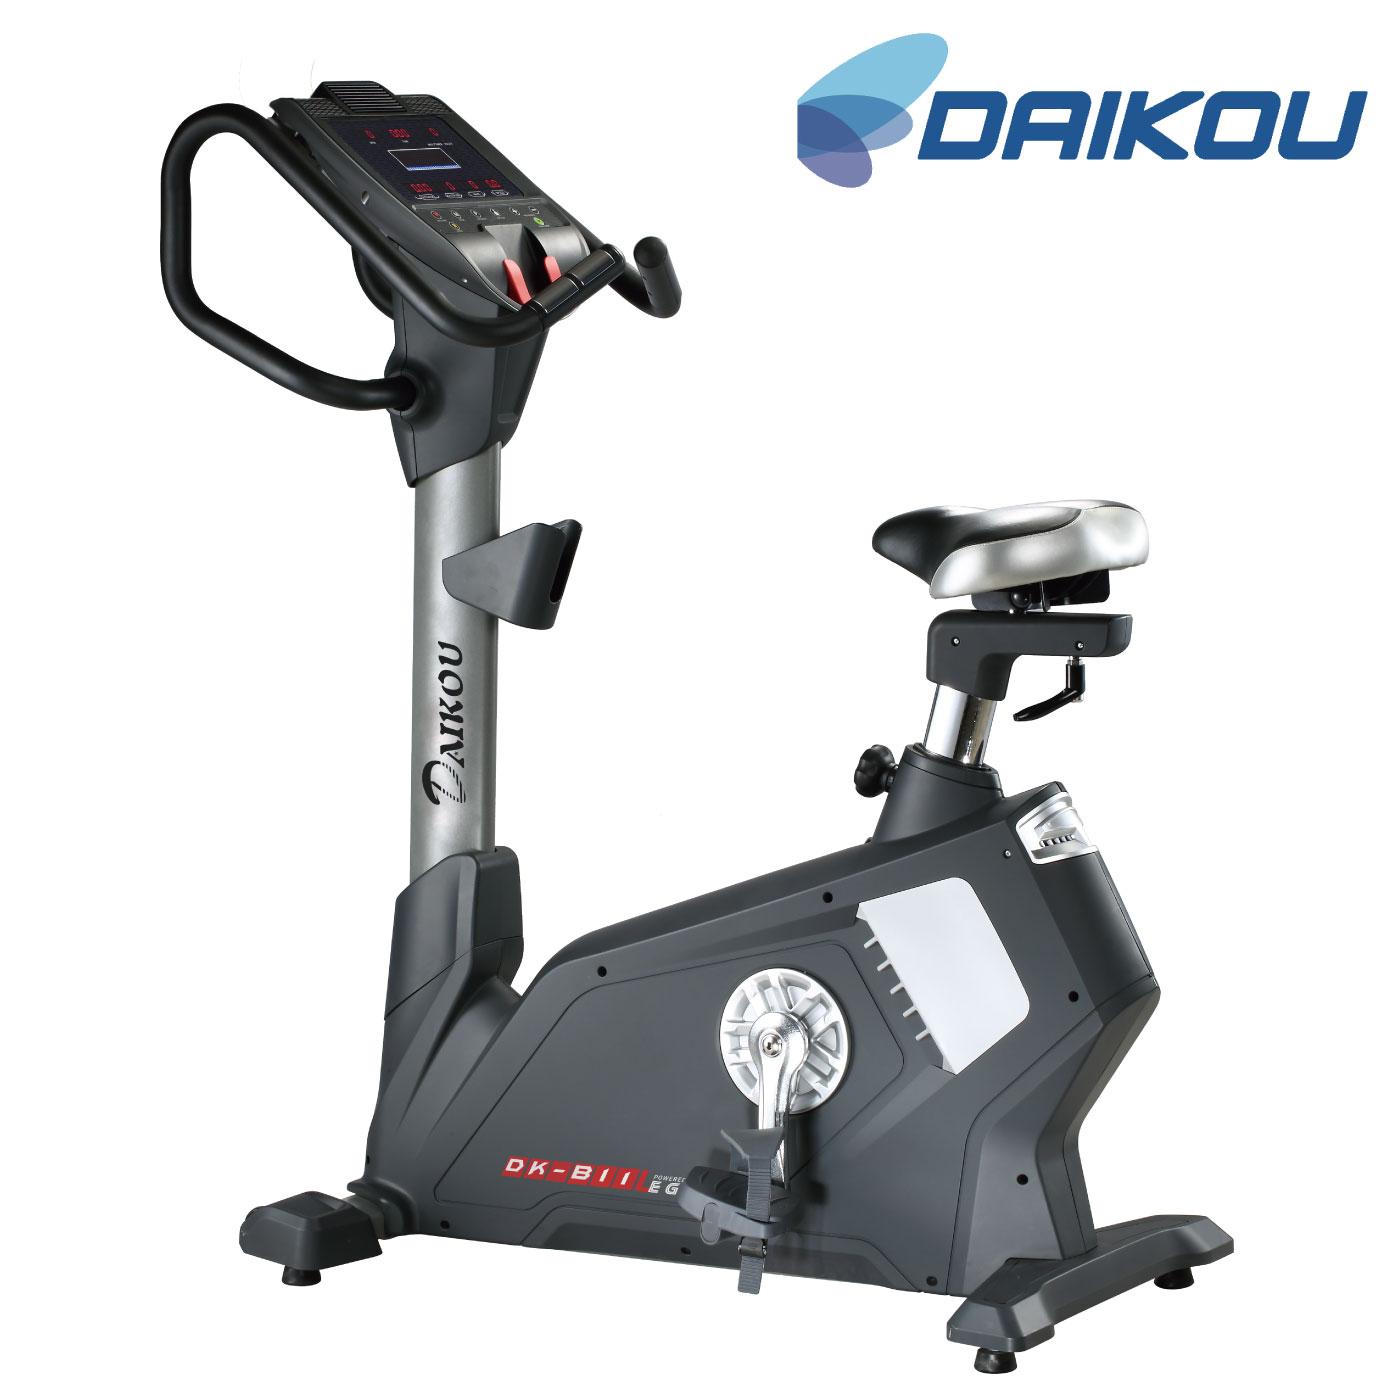 DK-B11/準業務用アップライトバイク《DAIKOU(ダイコー)》